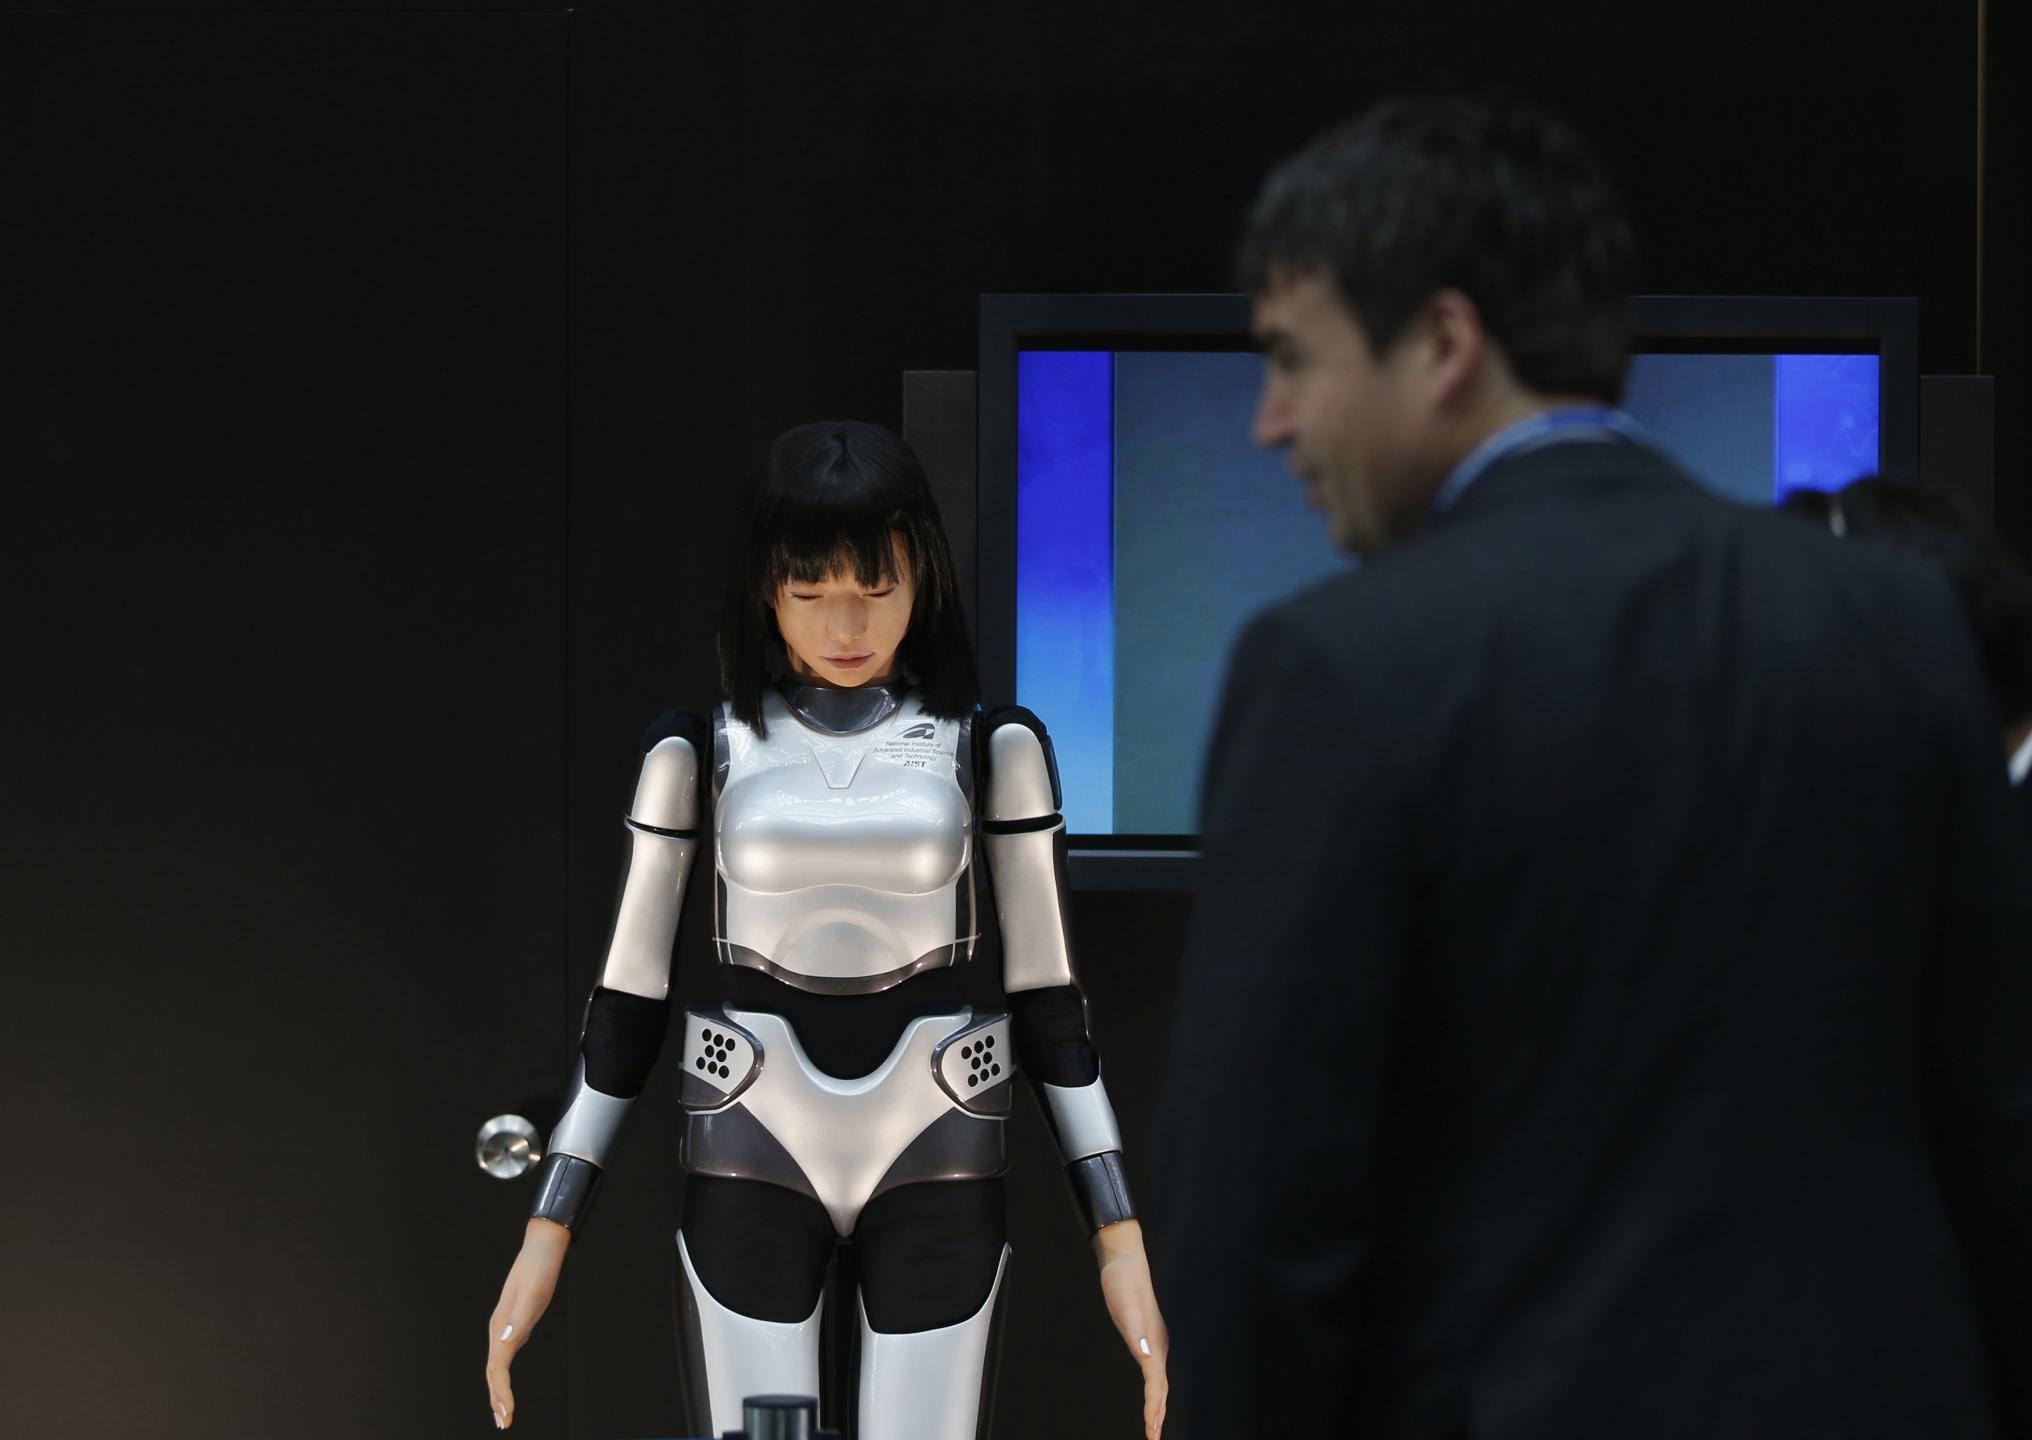 Le robot humanoïde HRP-4C